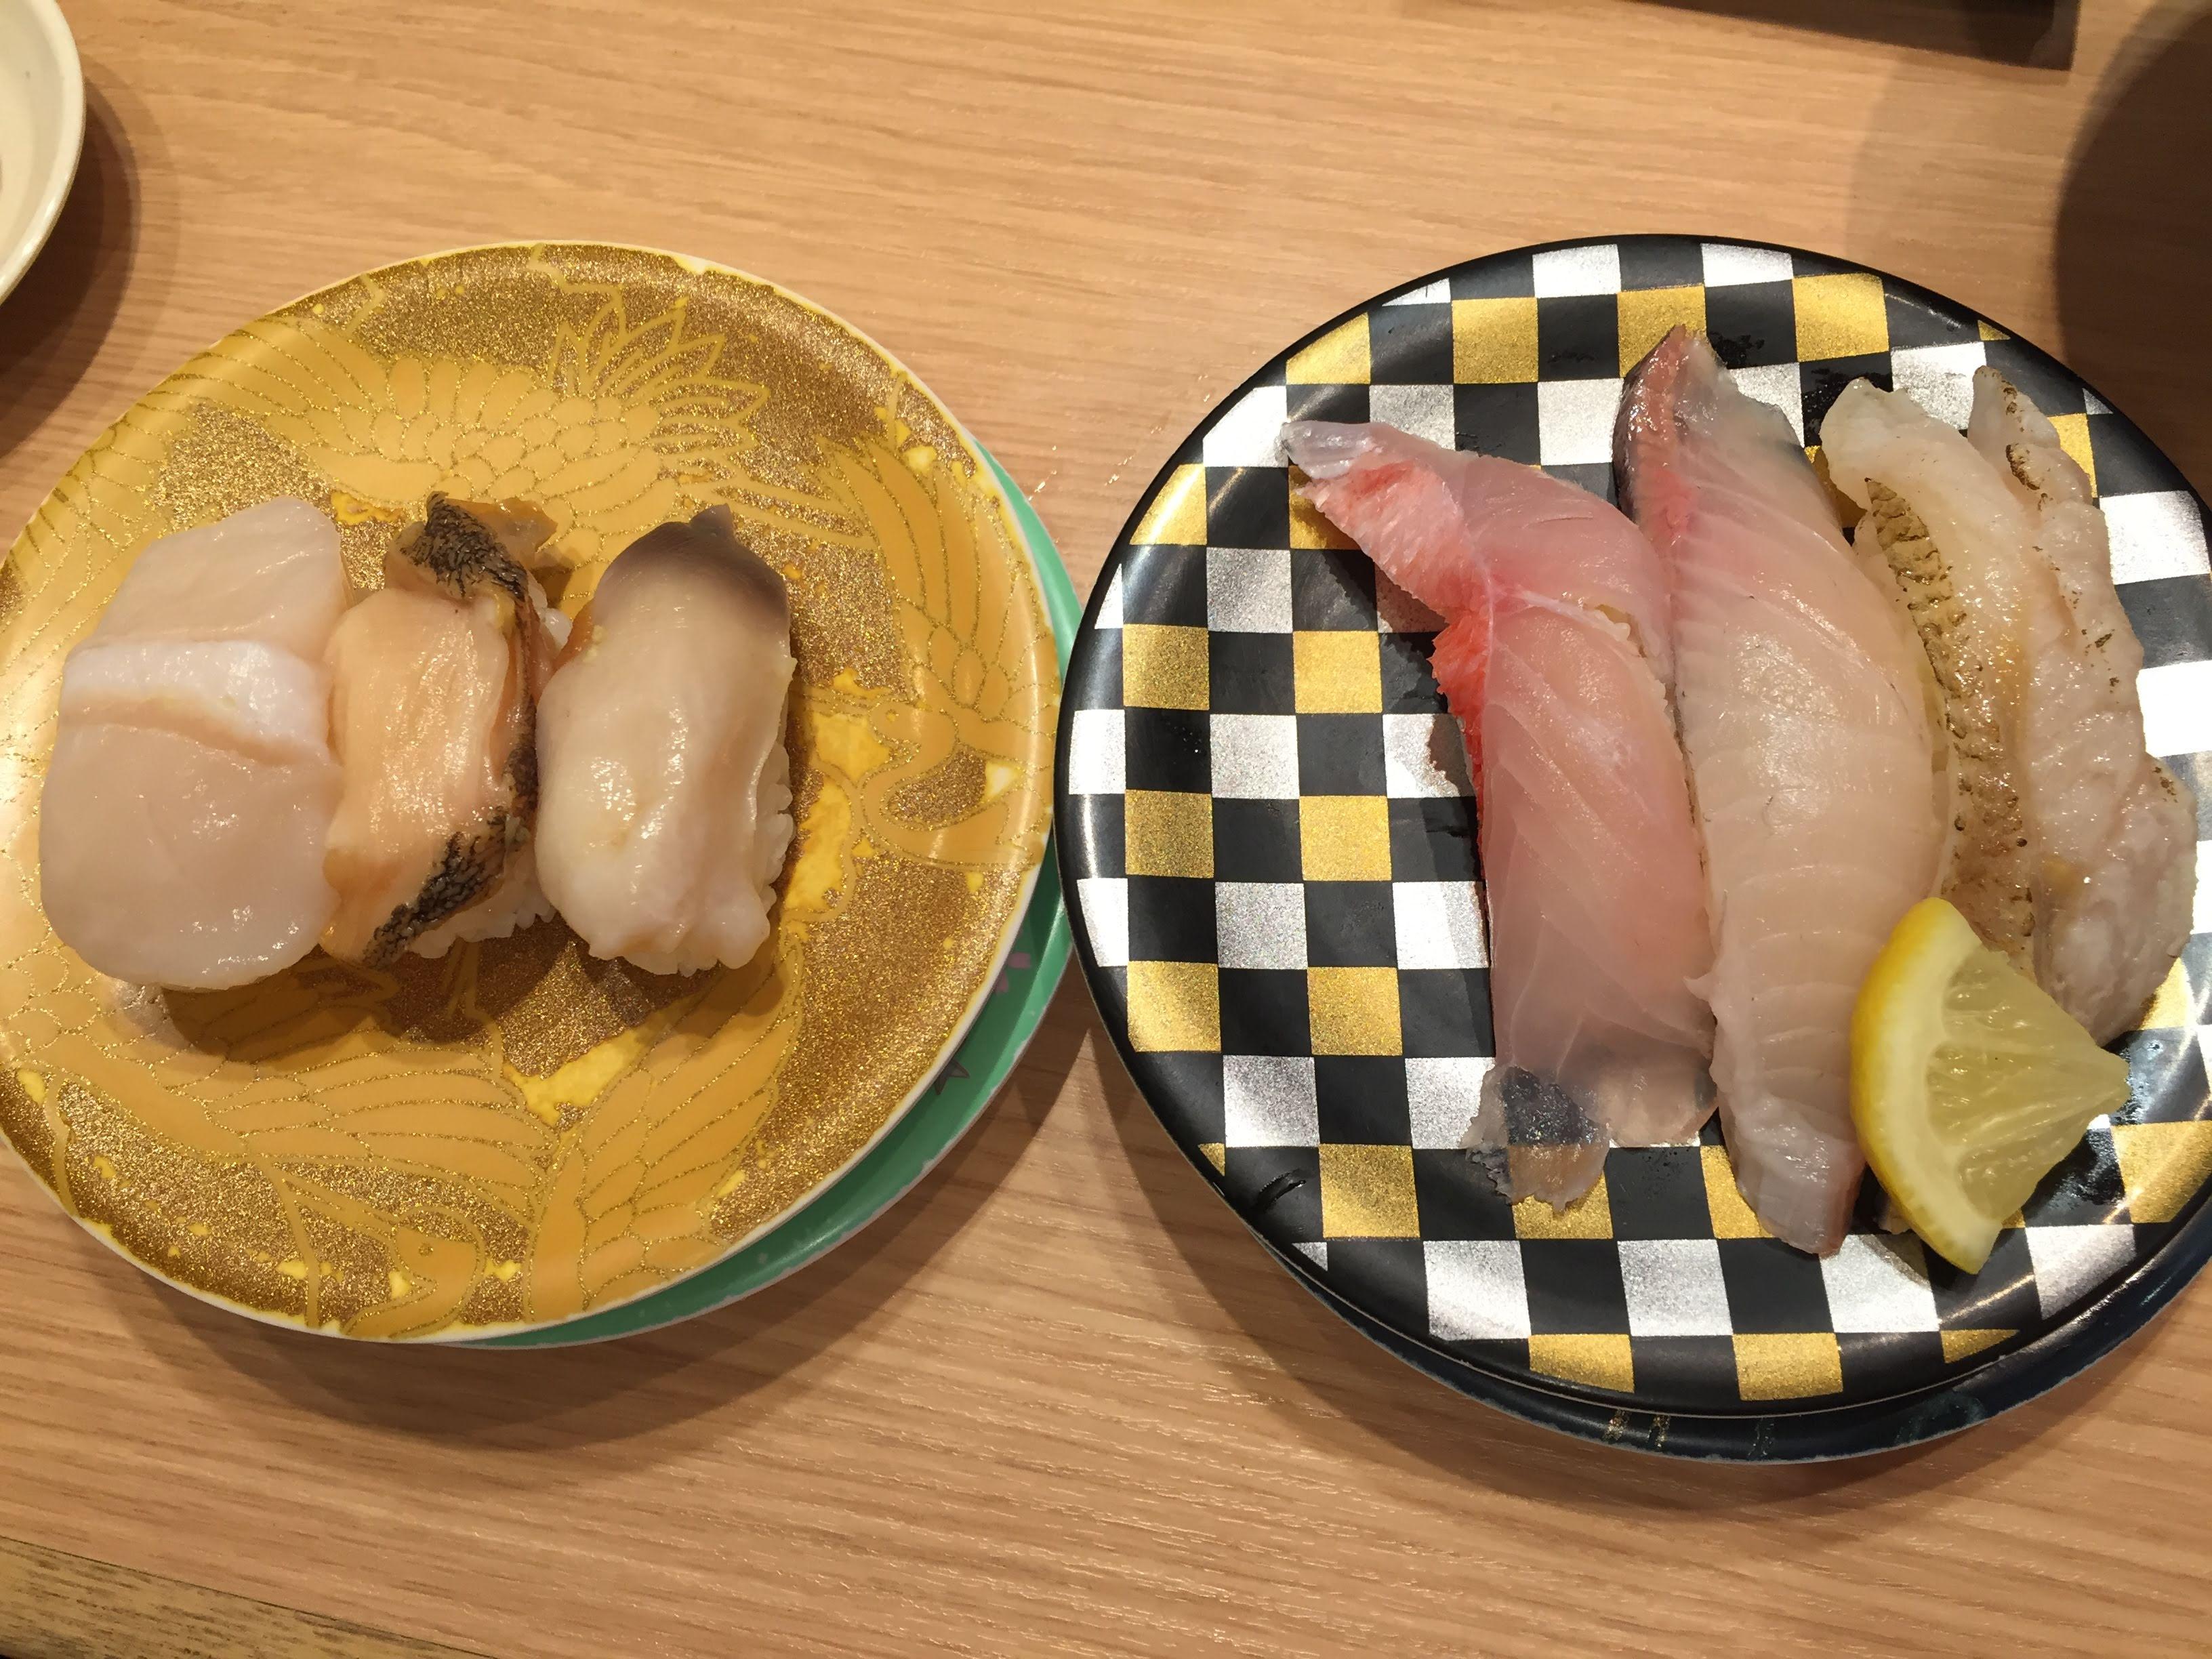 函太郎 グランフロント大阪 回転寿司